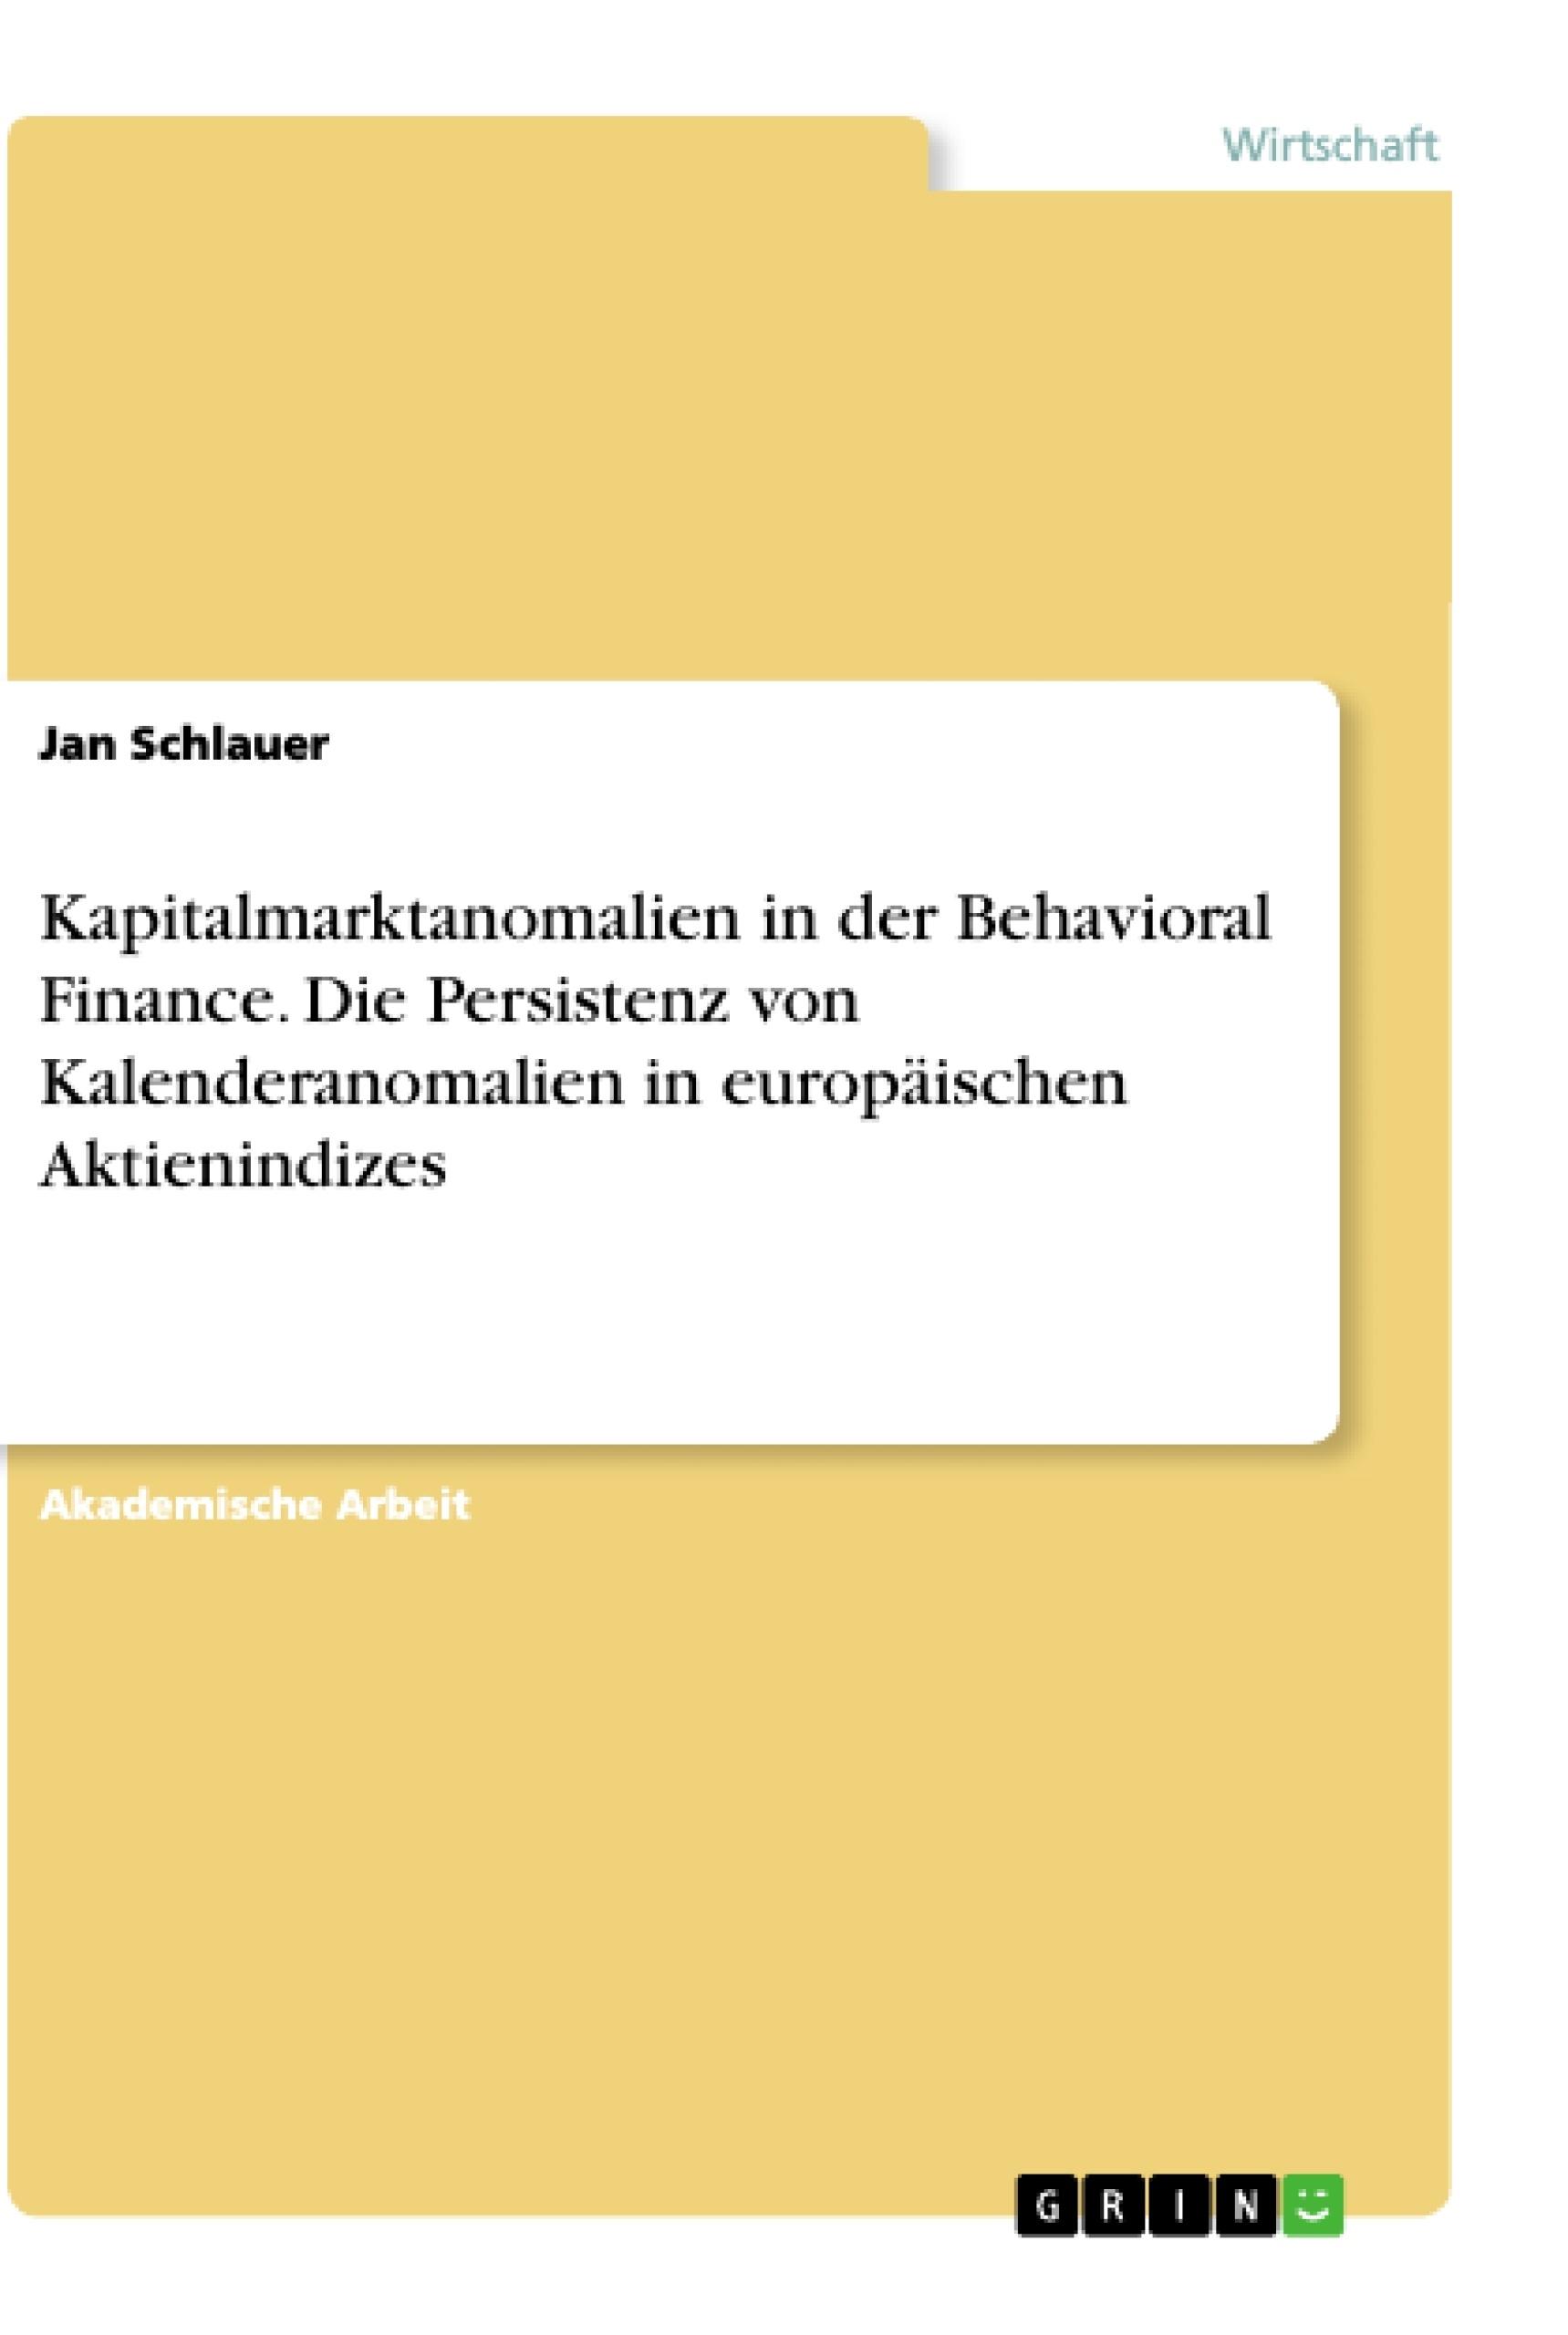 Titel: Kapitalmarktanomalien in der Behavioral Finance. Die Persistenz von Kalenderanomalien in europäischen Aktienindizes